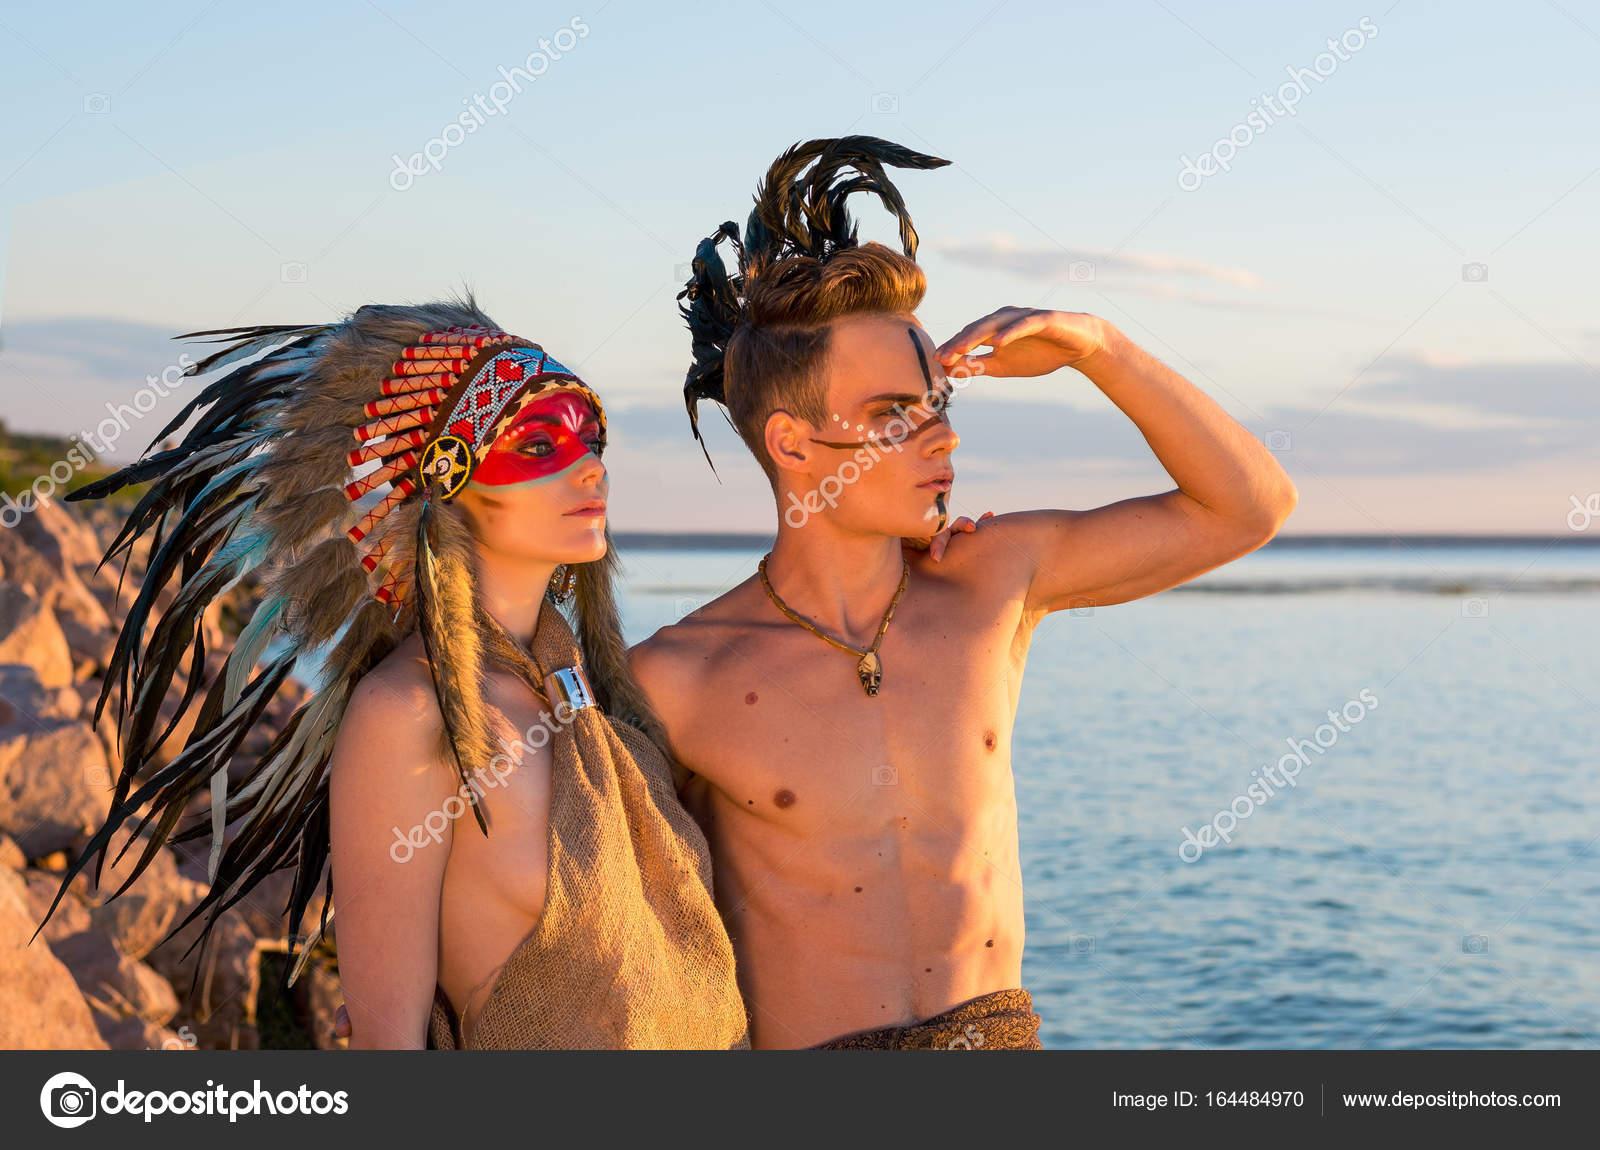 Kleurplaten Indianen Veren.Man Met Een Indiaanse Kleurplaten En Veren Op Zijn Hoofd Em